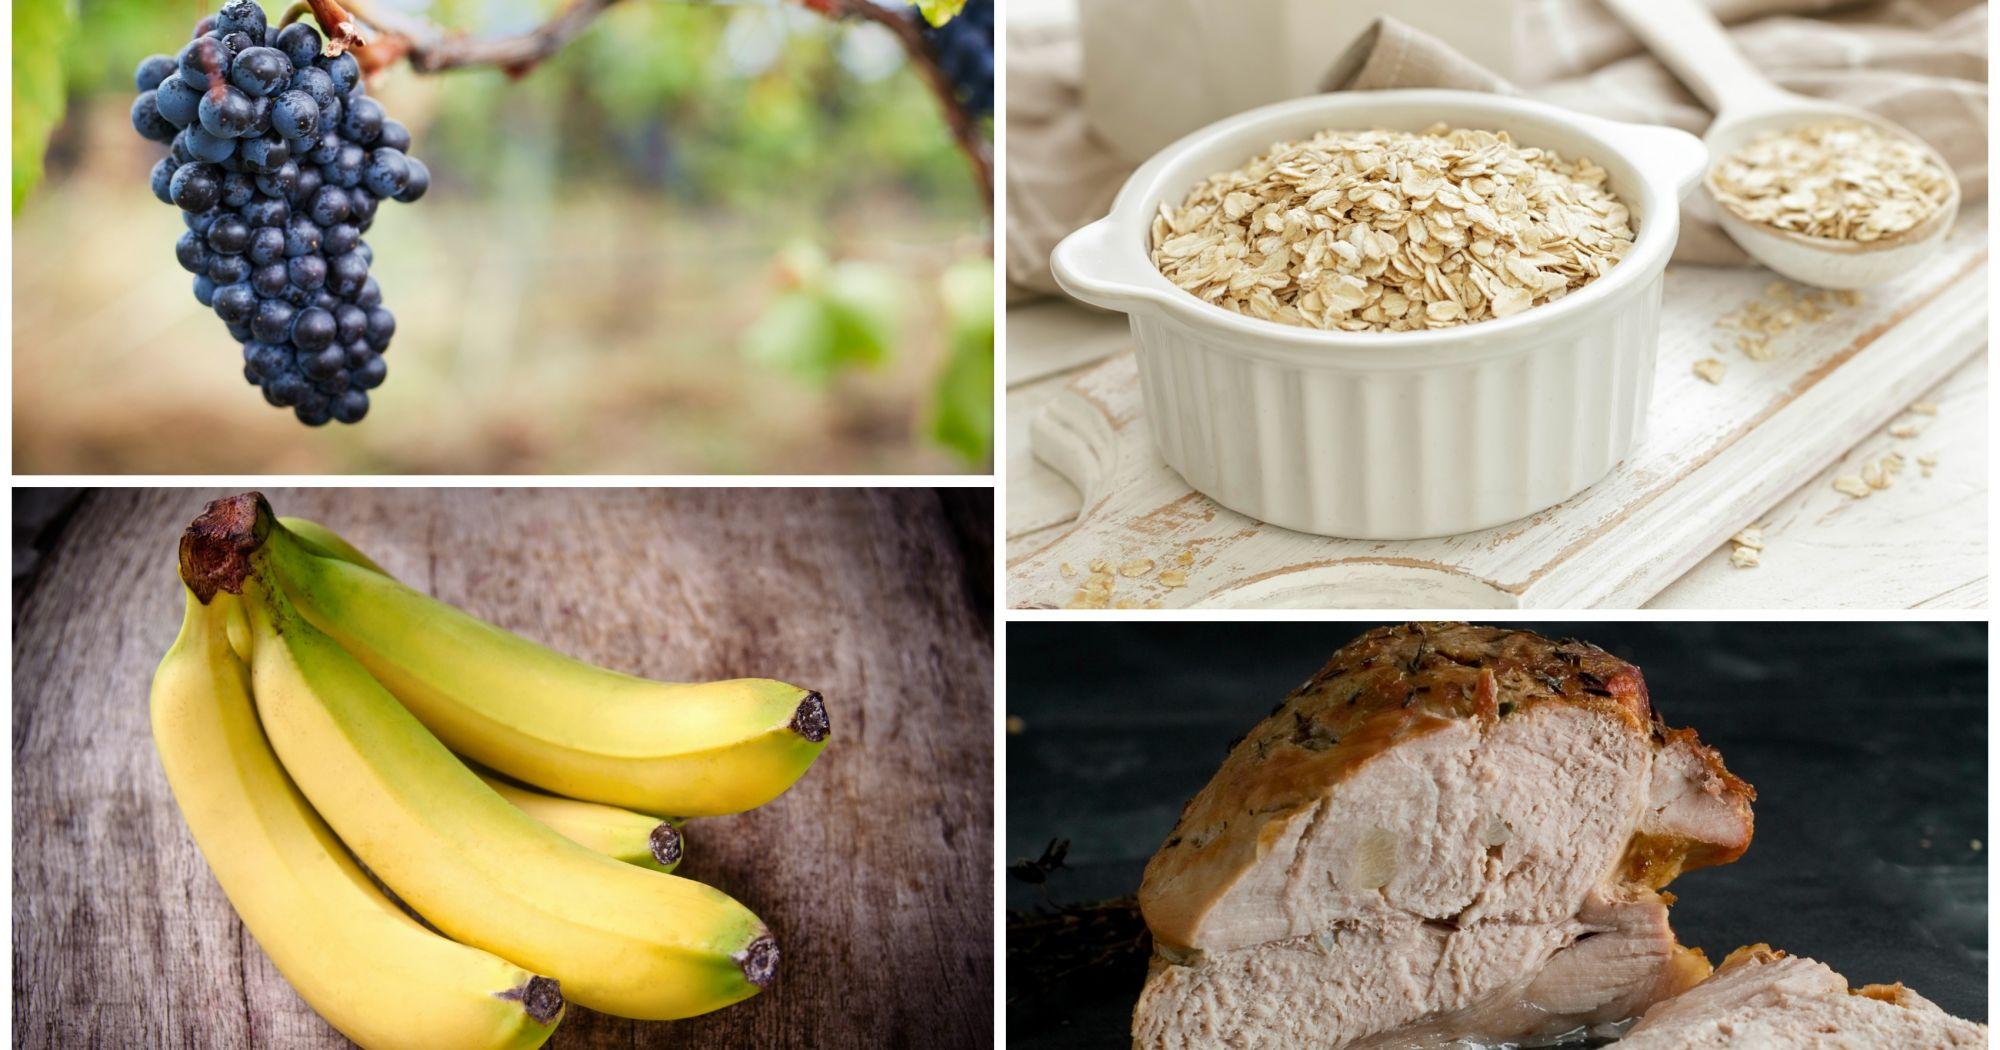 Que alimentos no se deben comer para bajar de peso potasio, cloro, fsforo